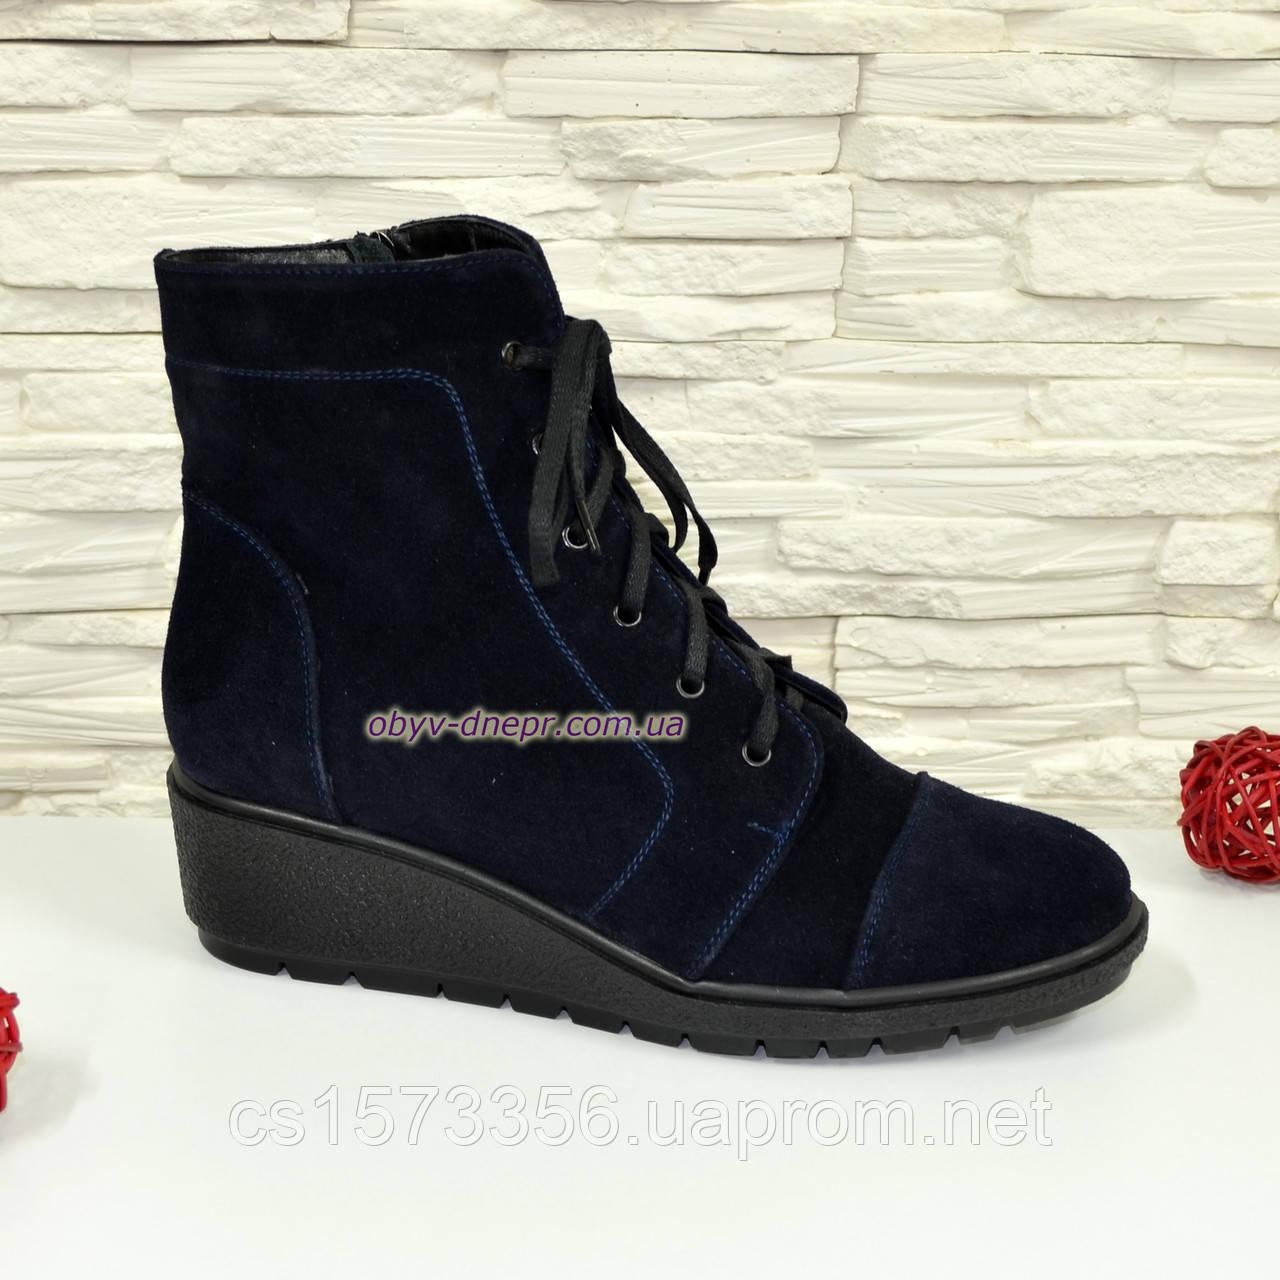 Черевики сині жіночі замшеві чоботи на невисокій танкетці